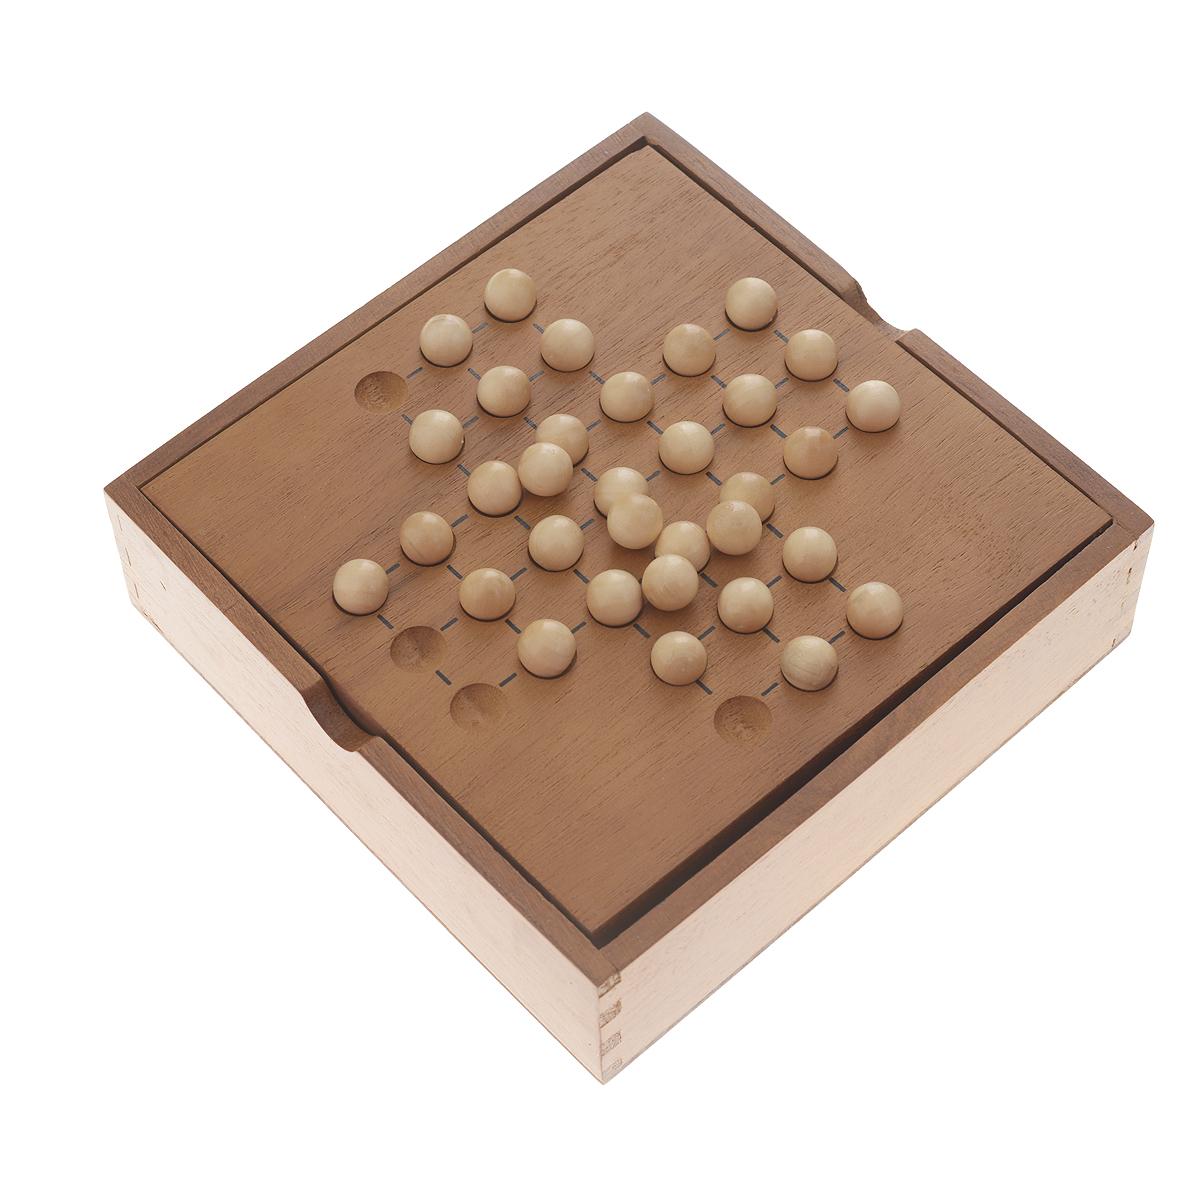 Настольная игра Tactic Games Solitaire14025NНастольная игра Solitaire (Солитер) от компании Tactic Games - это отличный способ весело провести время. В этой интеллектуальной игре вам придется как следует задуматься над собственной стратегией. На игровом поле расположены 32 шарика. В каждый ход один шарик может перепрыгнуть через другой, если для него есть свободное место. Съеденный шарик исчезает. Ваша задача - освободить поле так, чтобы на нем остался только один шарик в центре. Попробуйте решить эту логическую головоломку! Игра упакована в деревянный короб, который служит игровым полем. Компактный размер игры позволяет взять ее с собой в любое место. Возраст игроков: от 7 лет и старше. Количество участников: 1 человек. В комплекте: игровое поле, 33 деревянных шарика, правила игры.